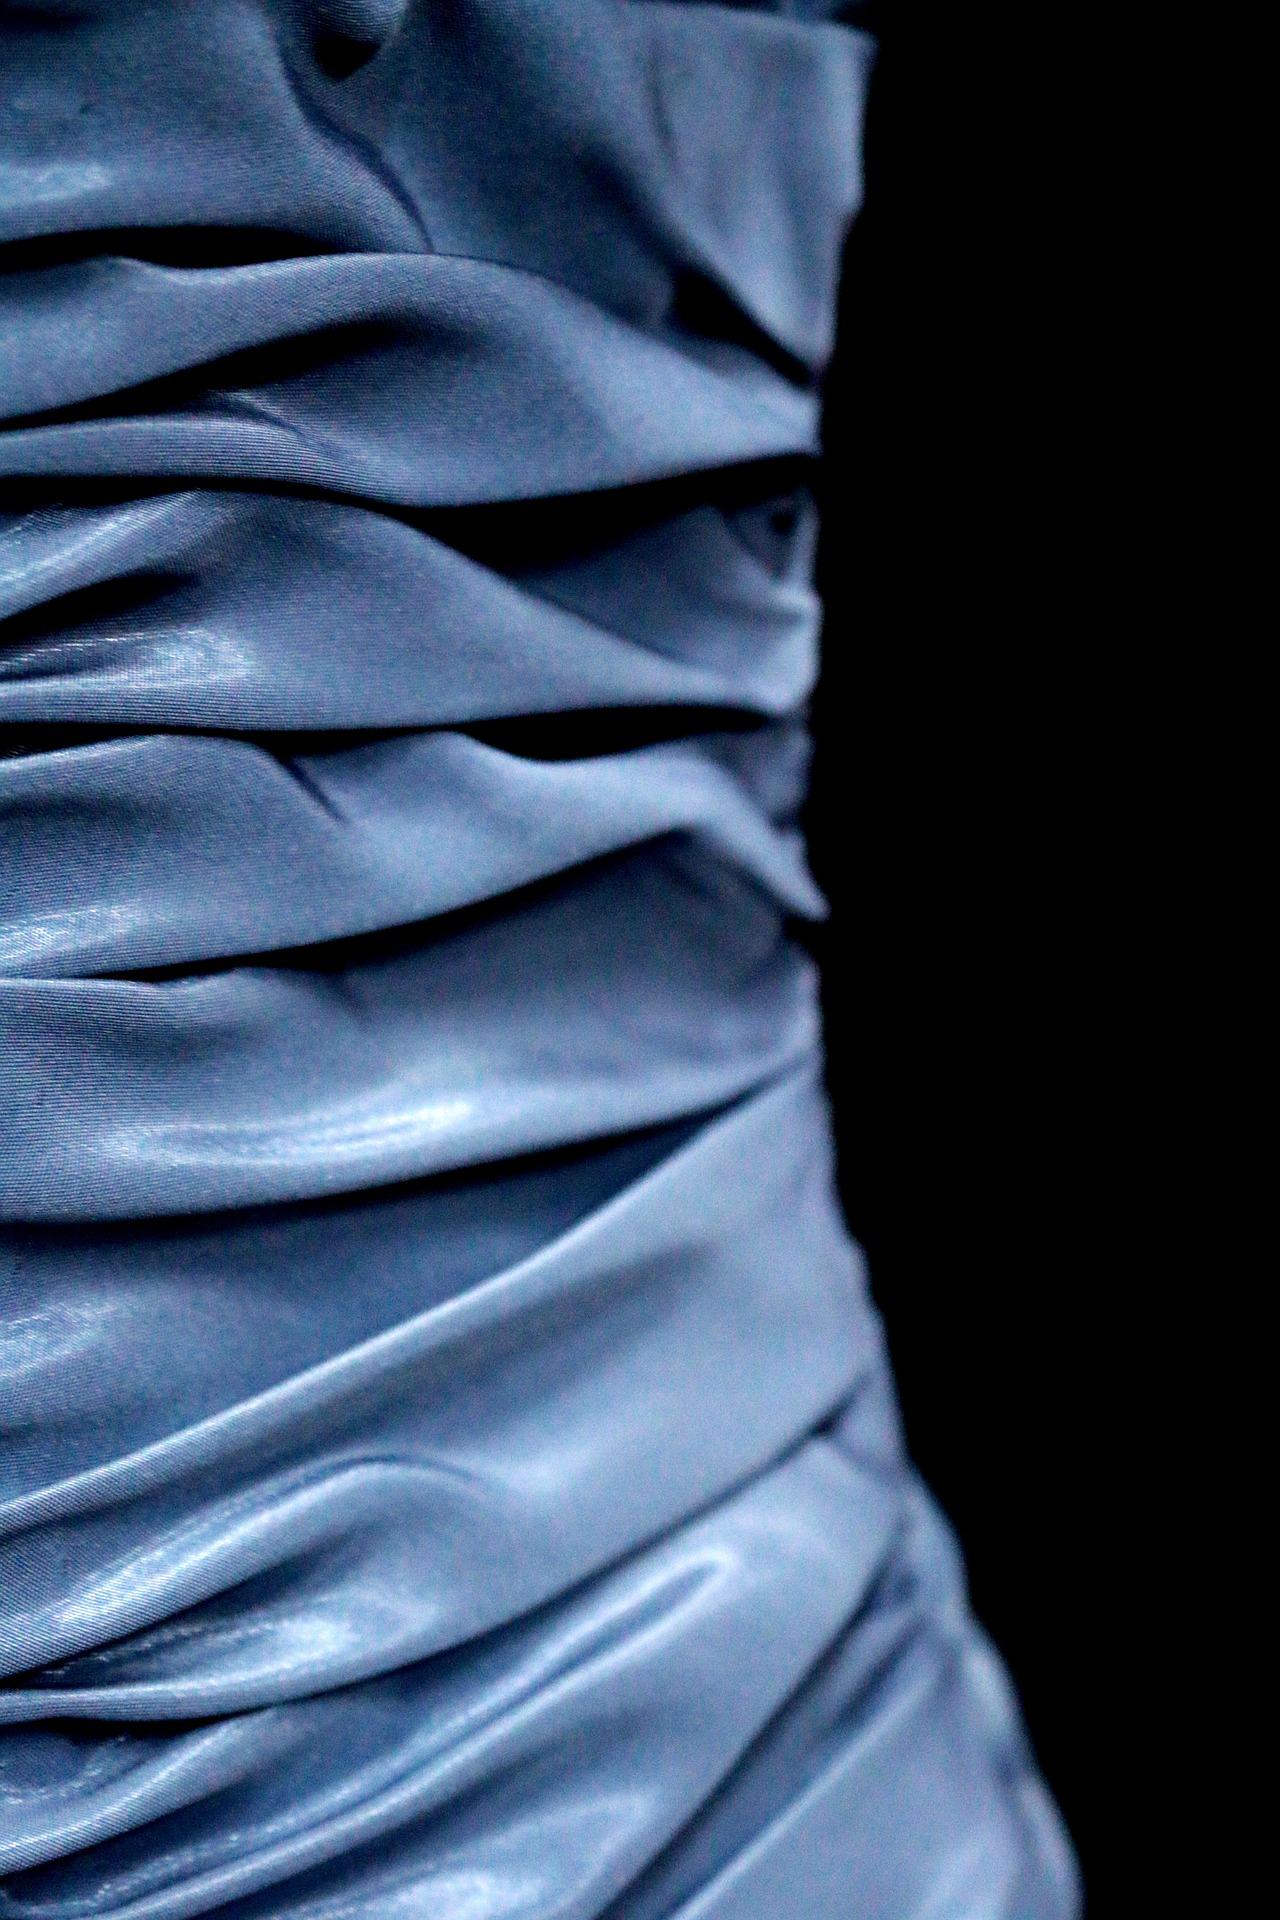 Plisseekleider – Immer etwas Besonderes